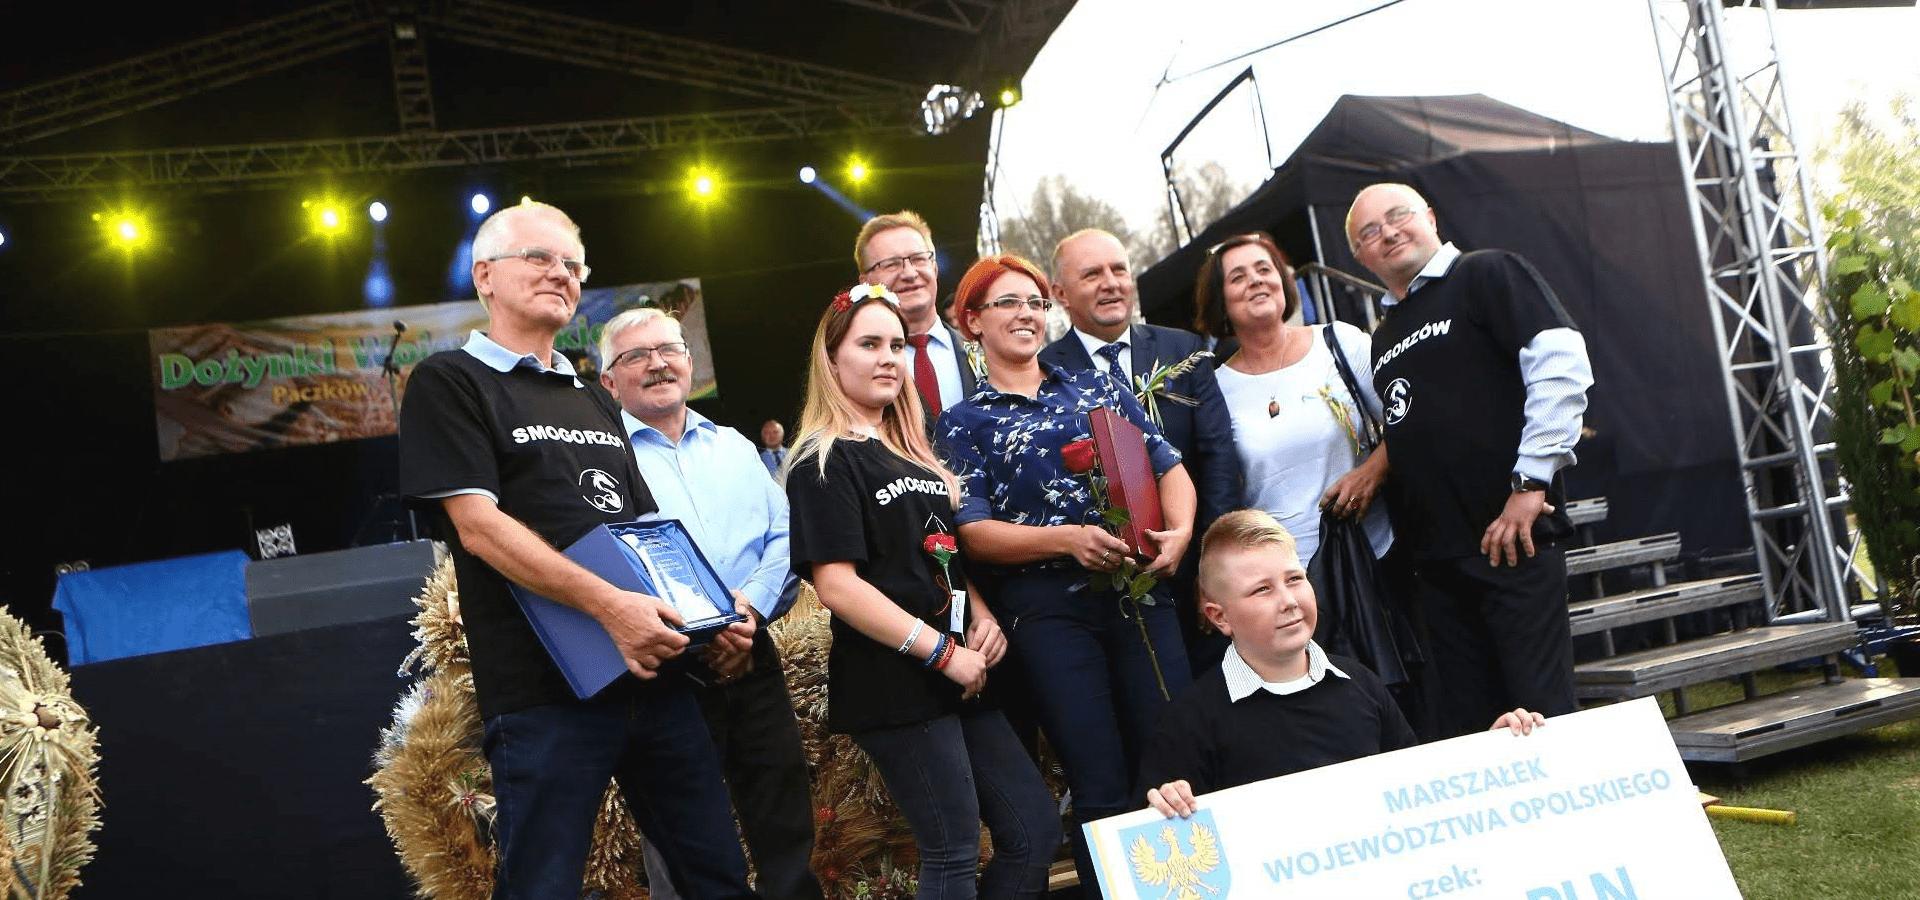 Delegacja Smogorzowa z nagrodą za III miejsce w konkursie Piękna Wieś Opolska 2018